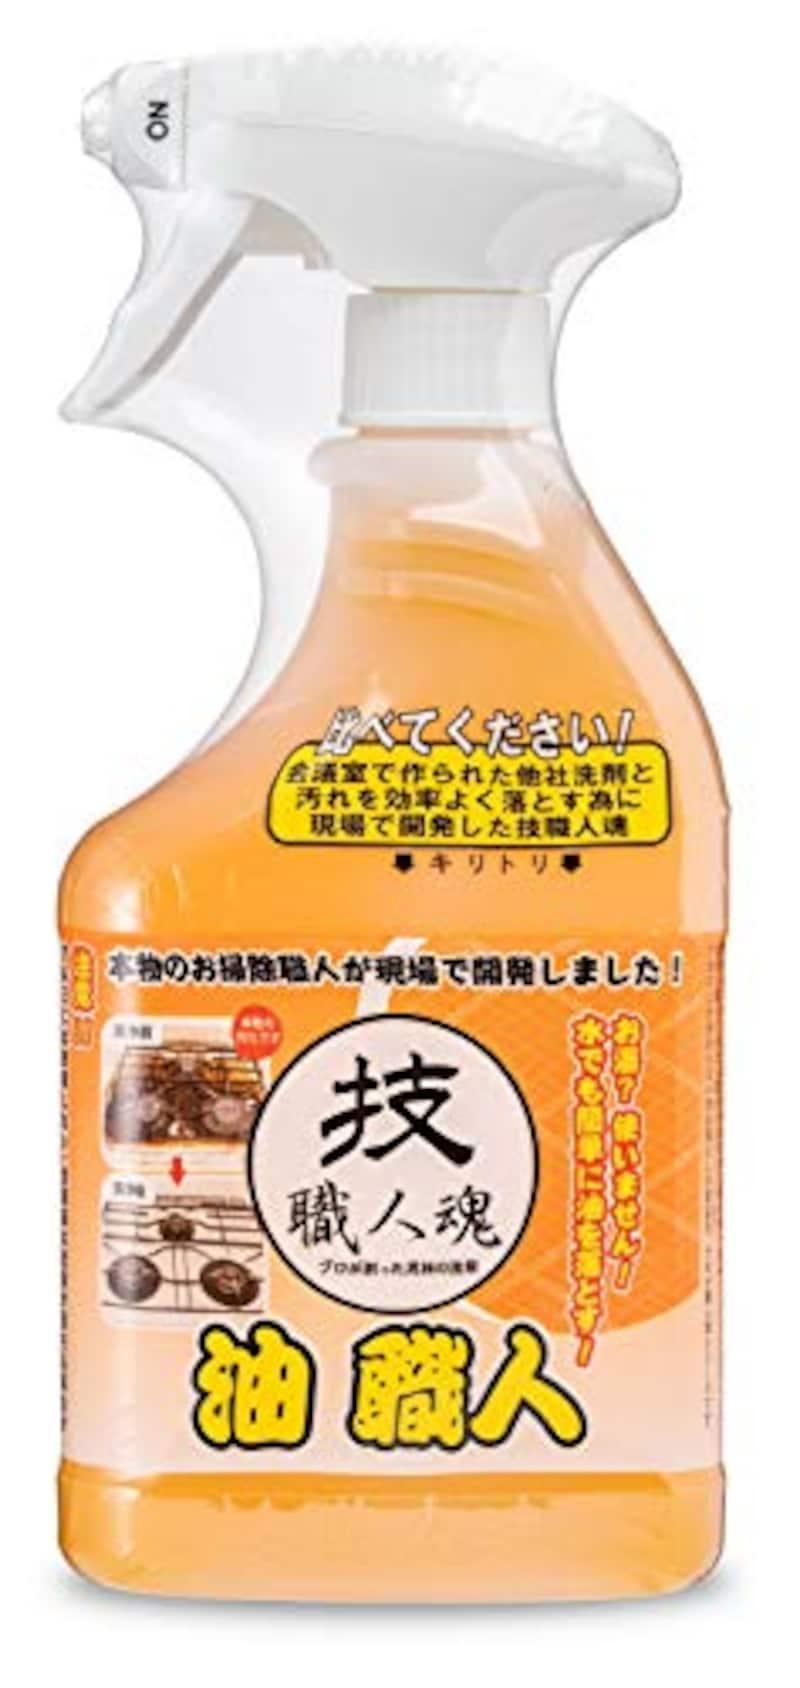 允・セサミ,業務用超強力油用洗剤 スプレーボトル